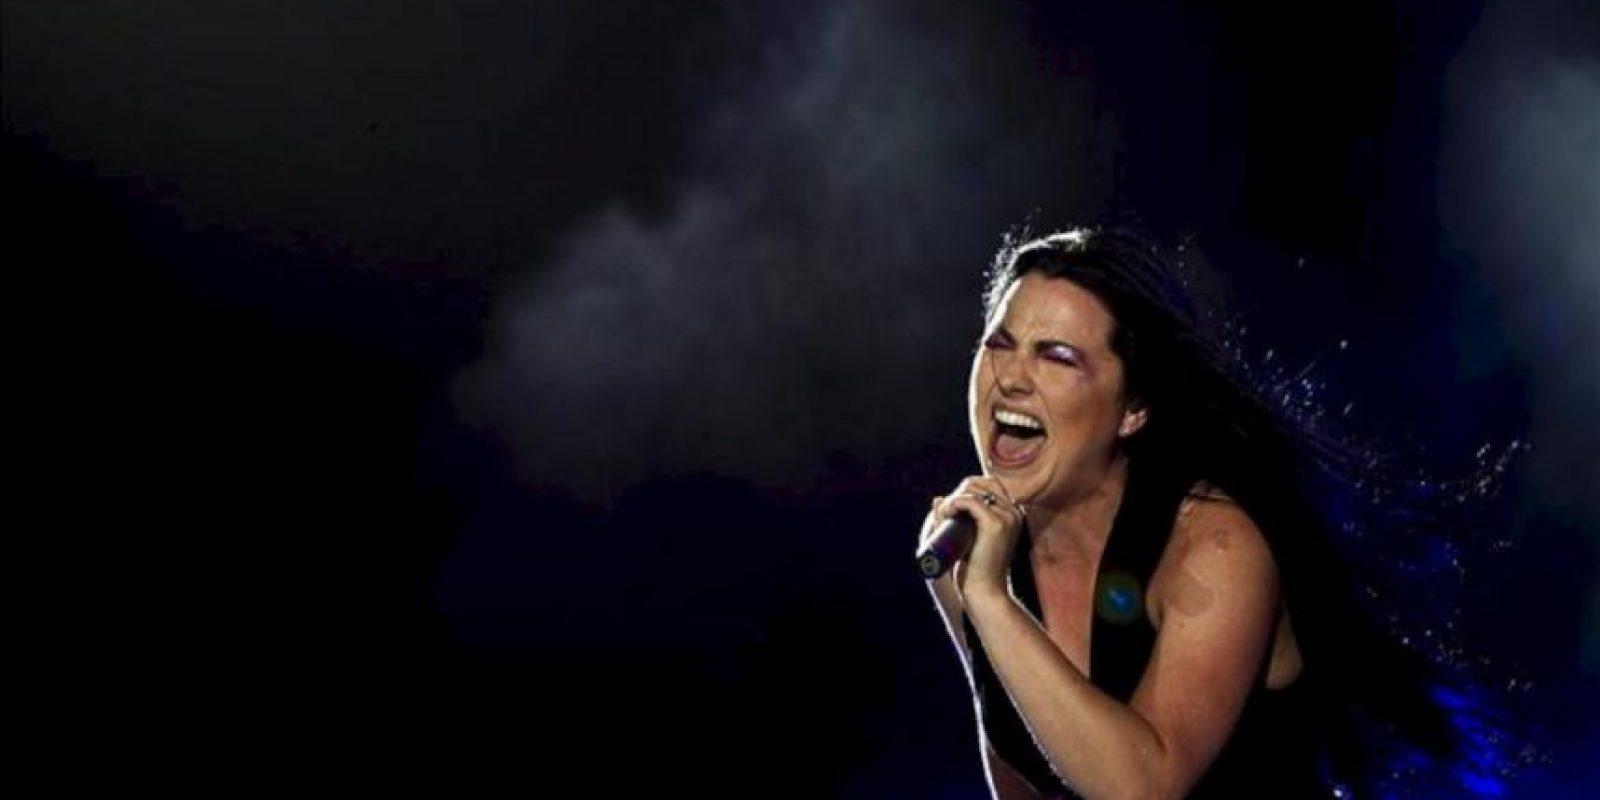 La cantante de la banda estadounidense Evanescence, Amy Lee, se presenta en concierto durante la primera jornada del festival Rock in Rio 2012, en Lisboa (Portugal). EFE